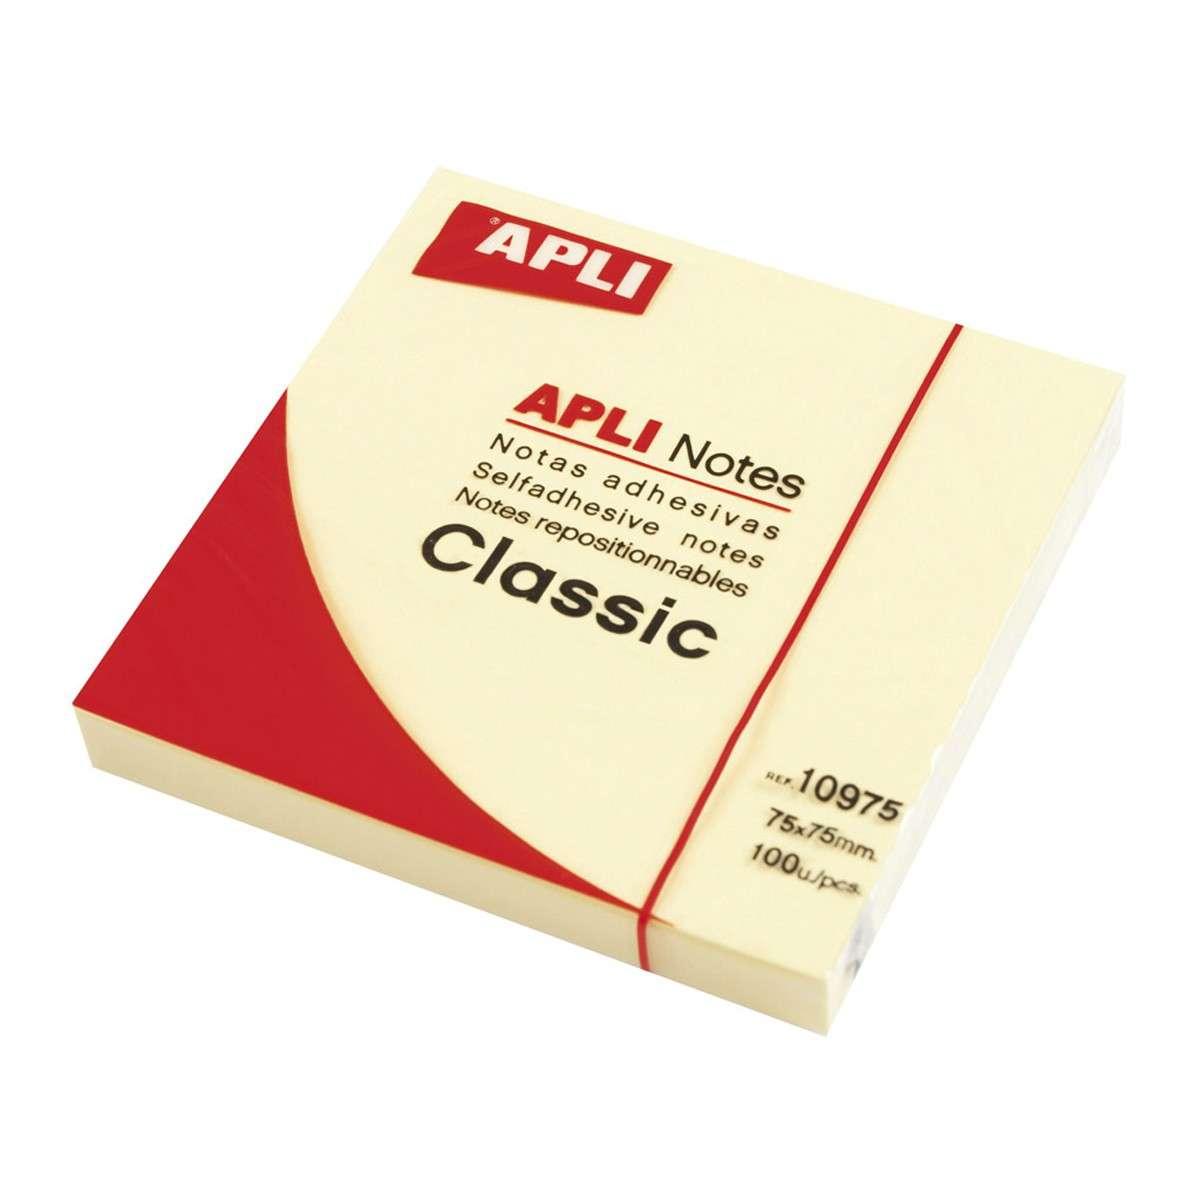 10976 Notas adhesivas CLASSIC 125 x 75 mm bloc de 100 hojas color amarillo Notas adhesivas CLASSIC 75 x 75 mm cubo de 400 hojas color amarillo APLI 11597